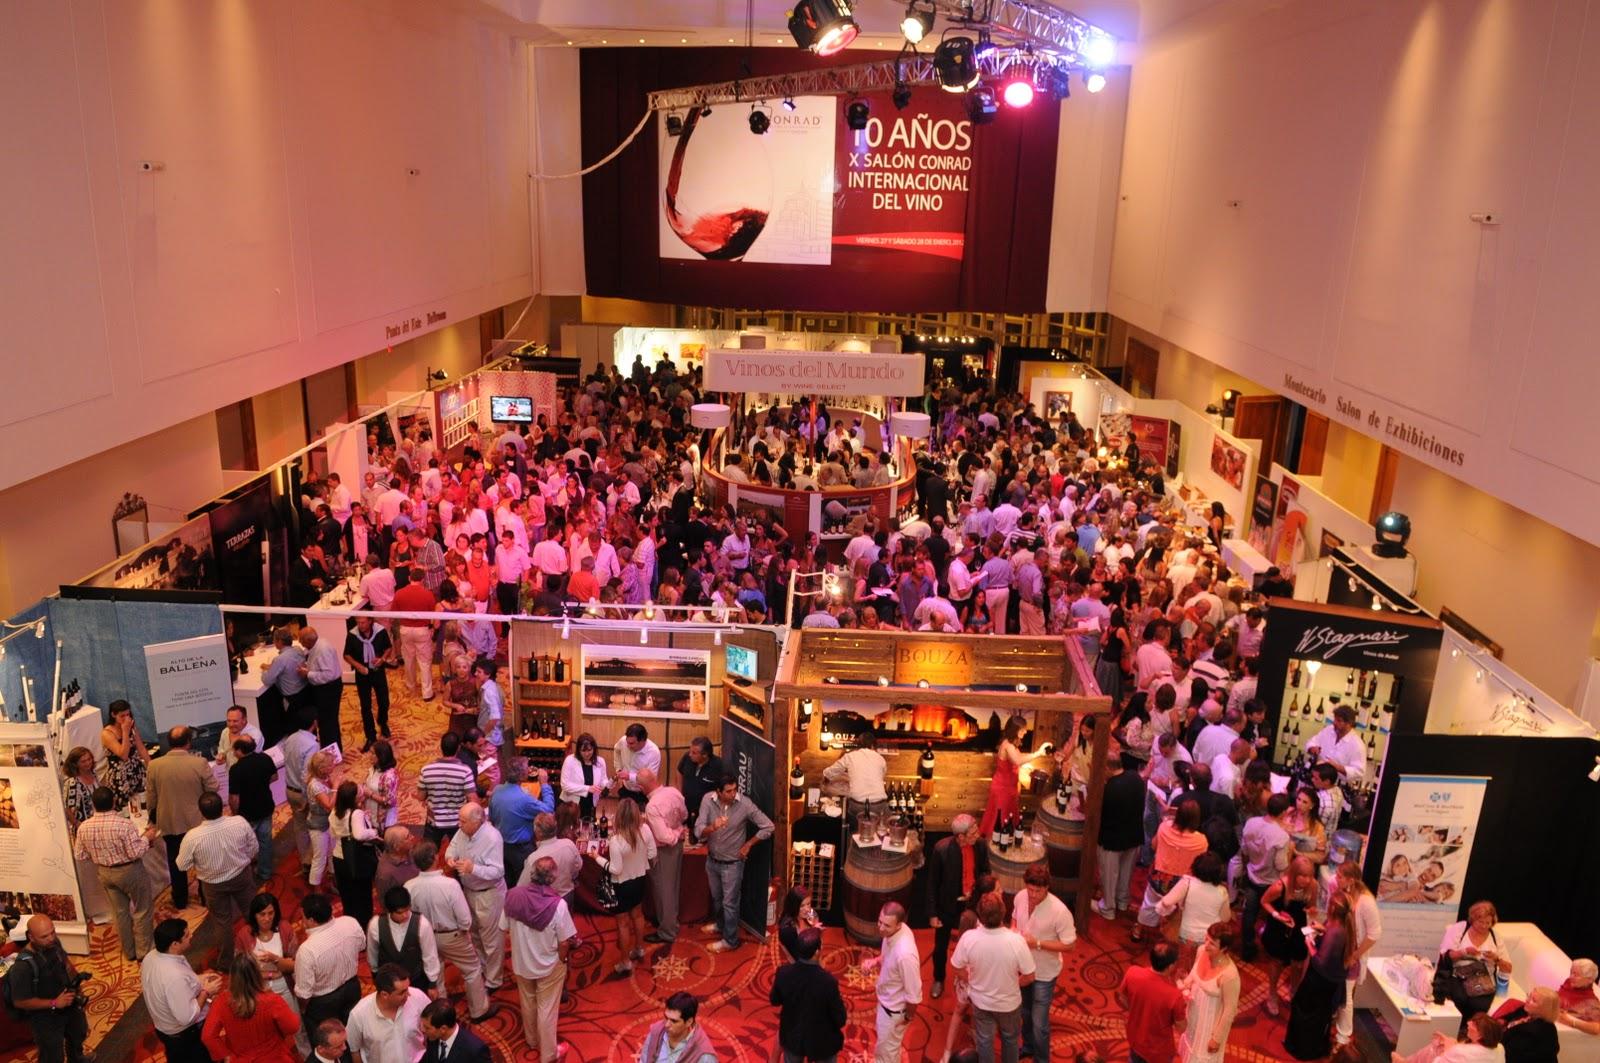 Se apronta el XVI Salón del Vino Enjoy Punta del Este